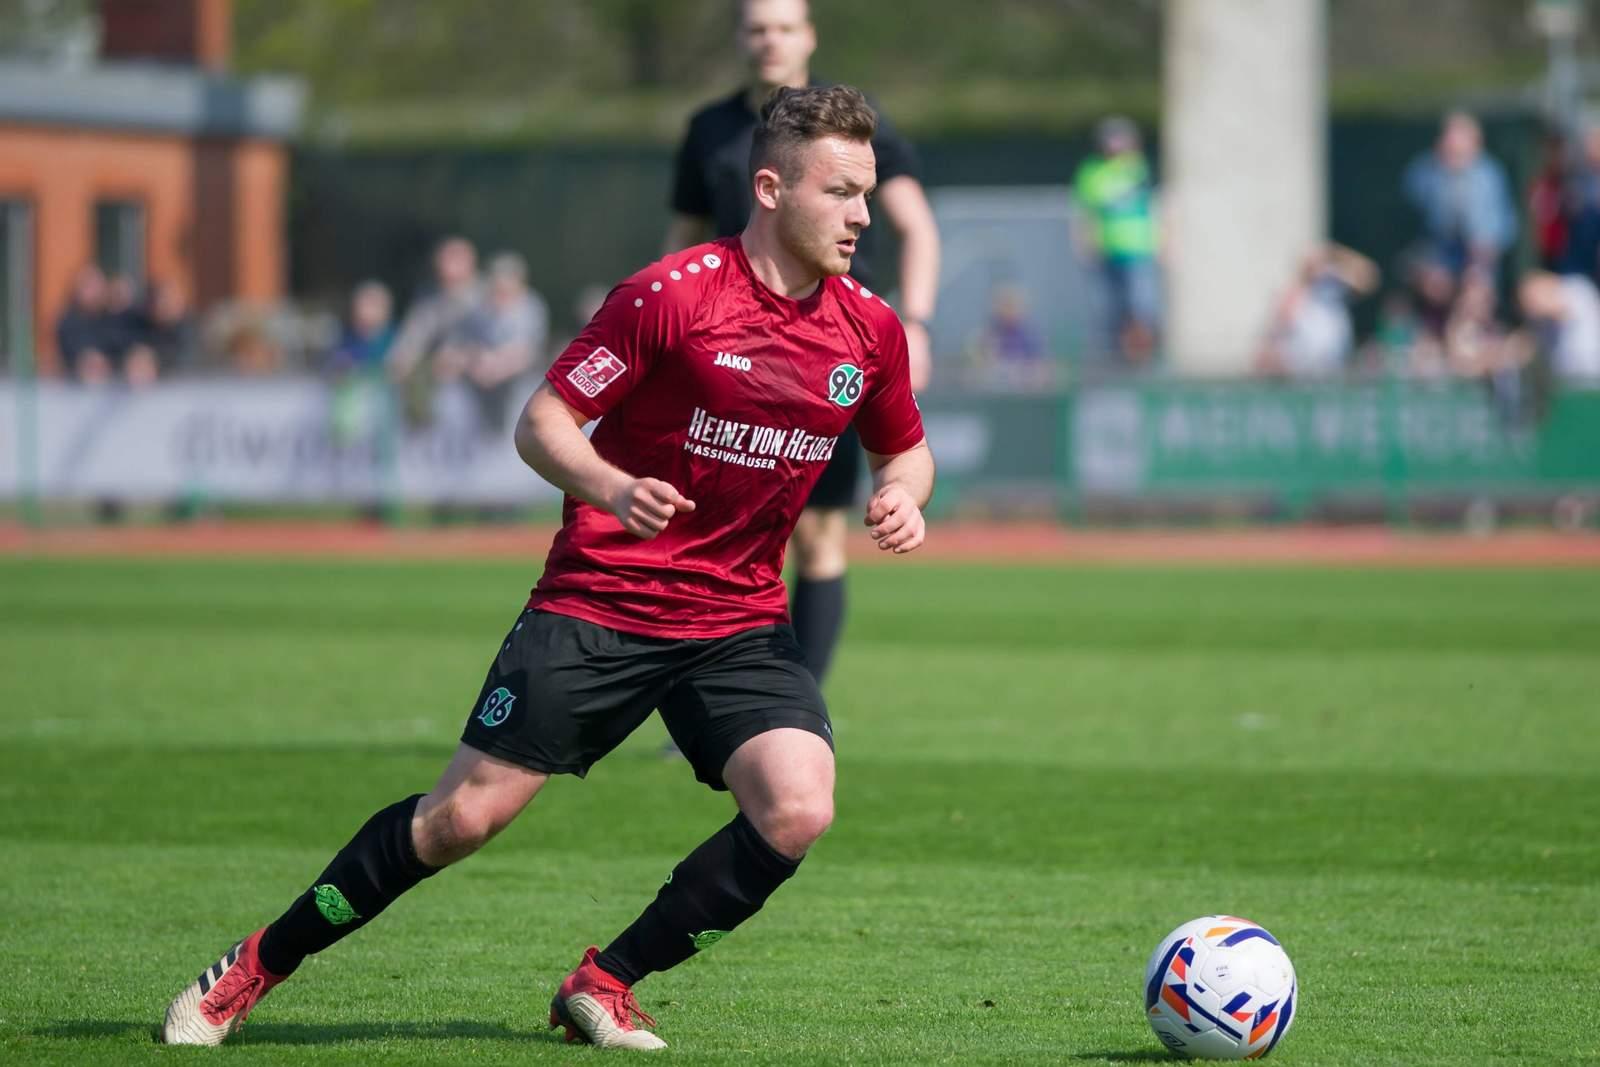 Nikita Marusenko von Hannover 96 U23